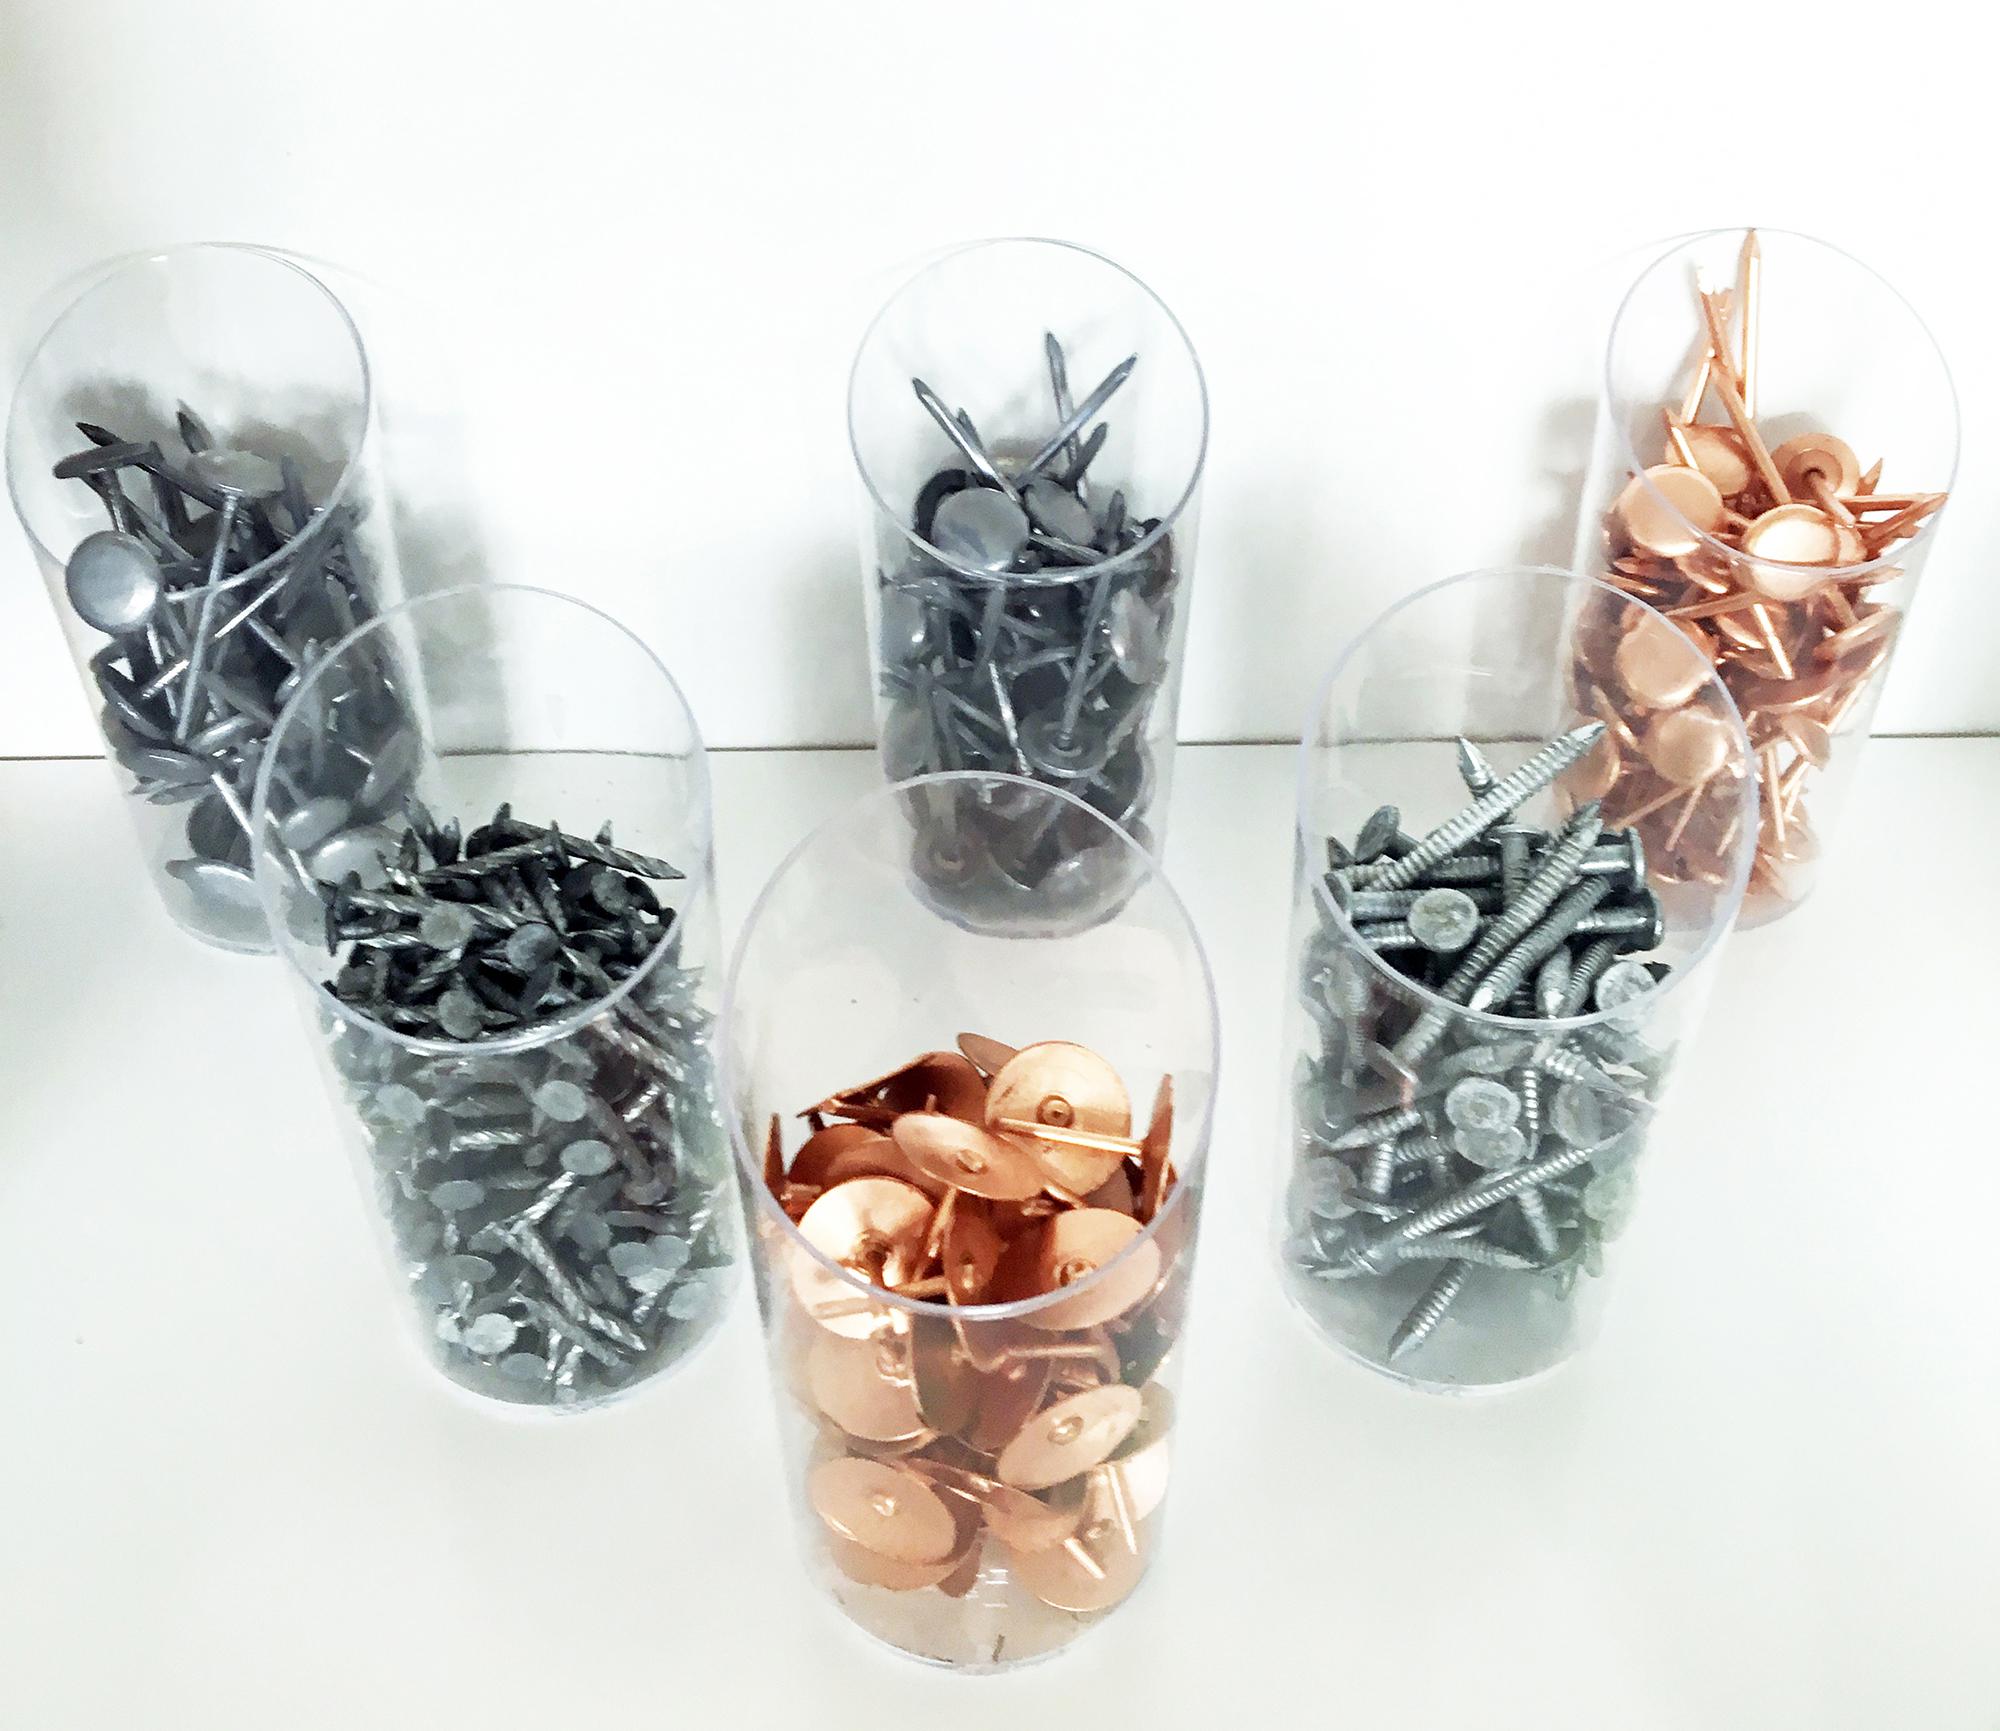 des clous en cuivre et en acier sont disposés dans une série de gobelets en plastqiue trabsparent, posés sur un plan blanc